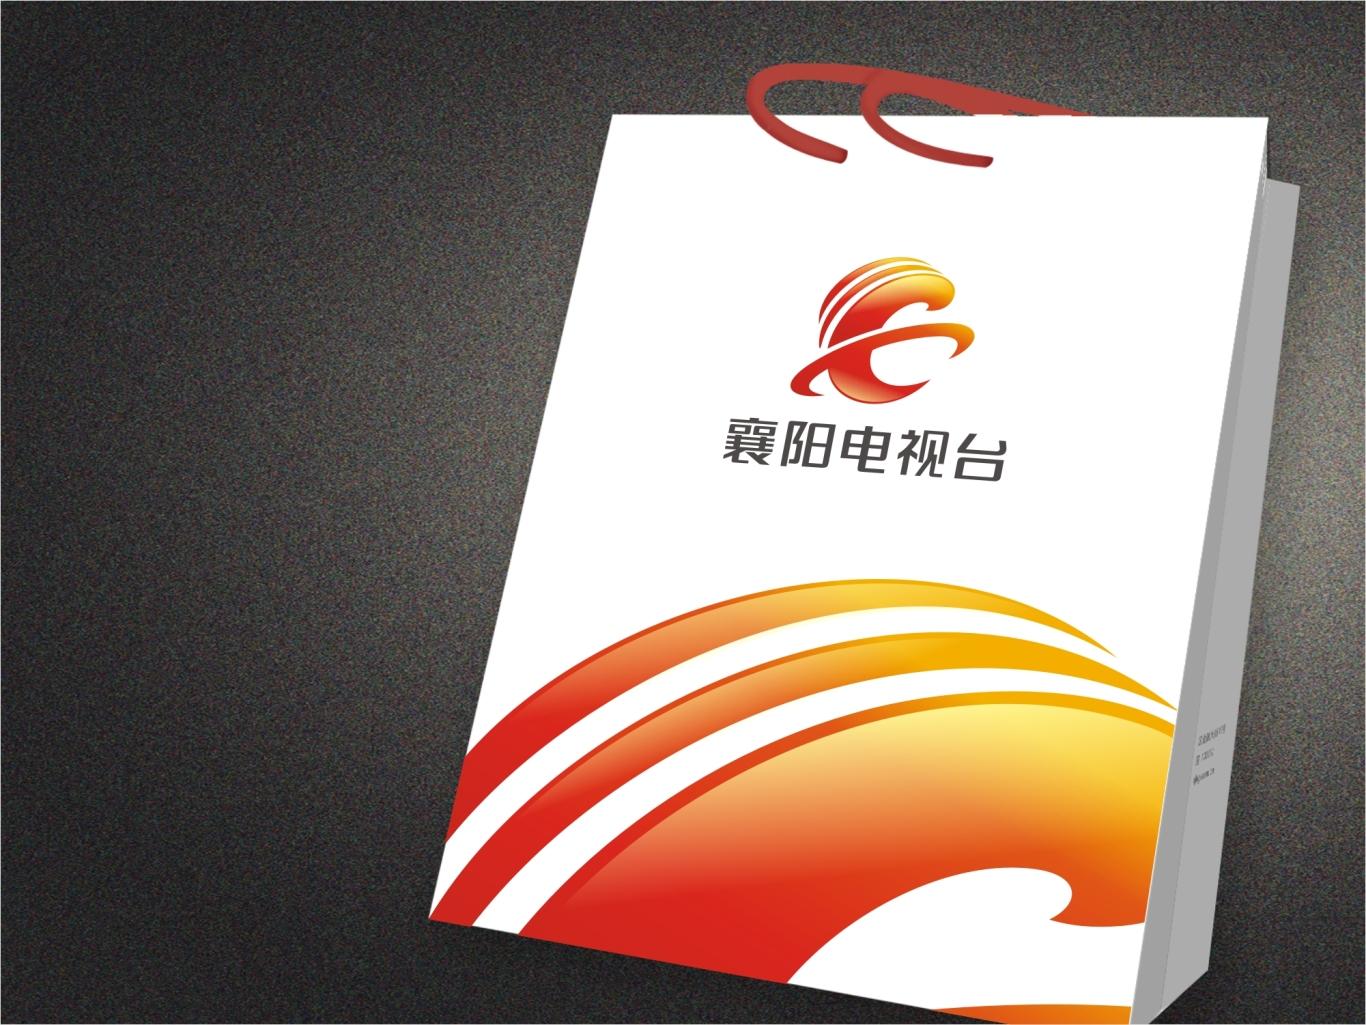 襄阳广播电视台台标设计图3